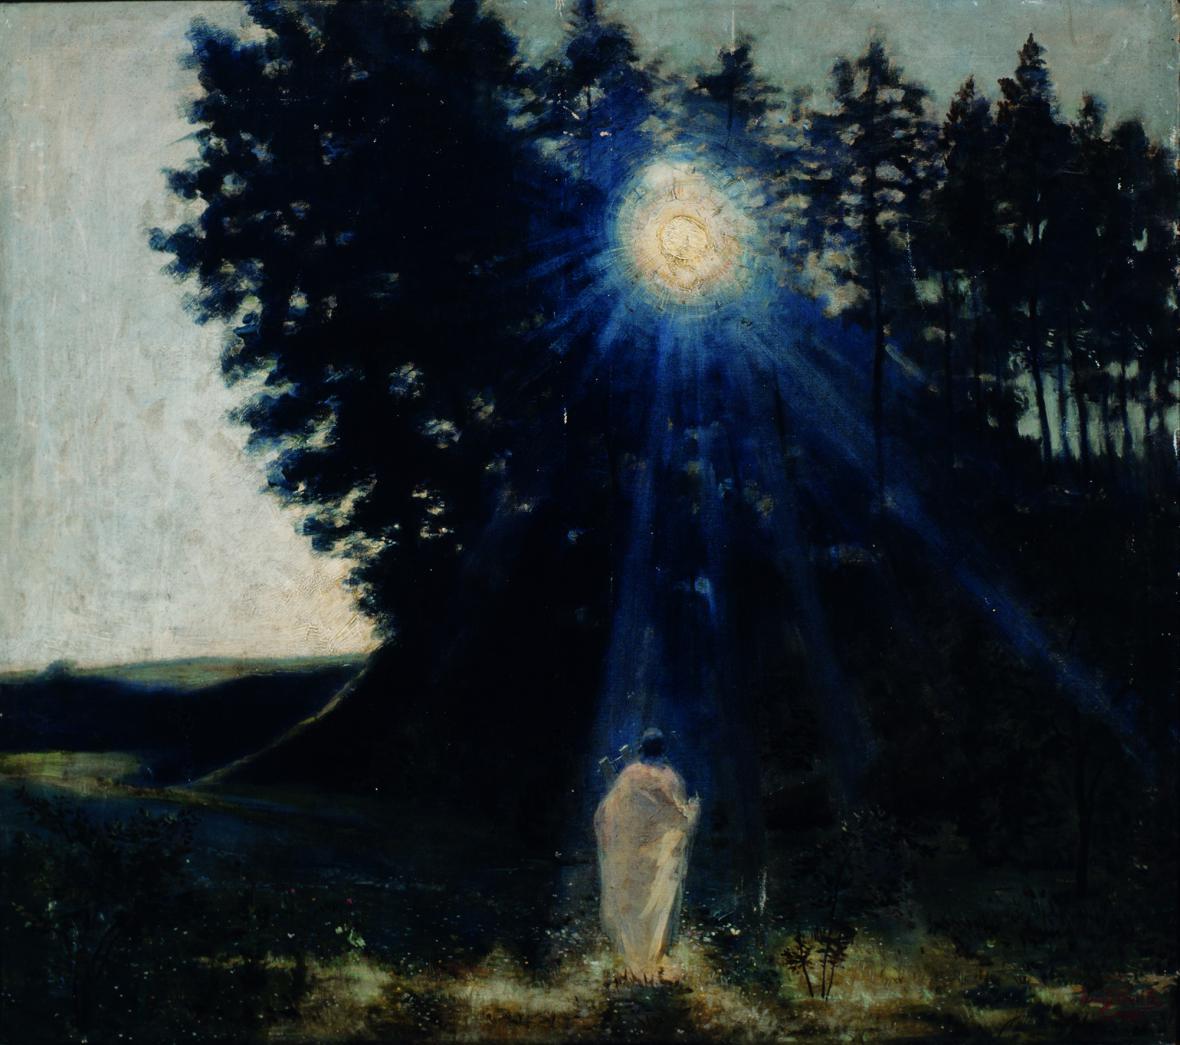 Jean Delville / Krajina ve svitu měsíce, 1887–1890